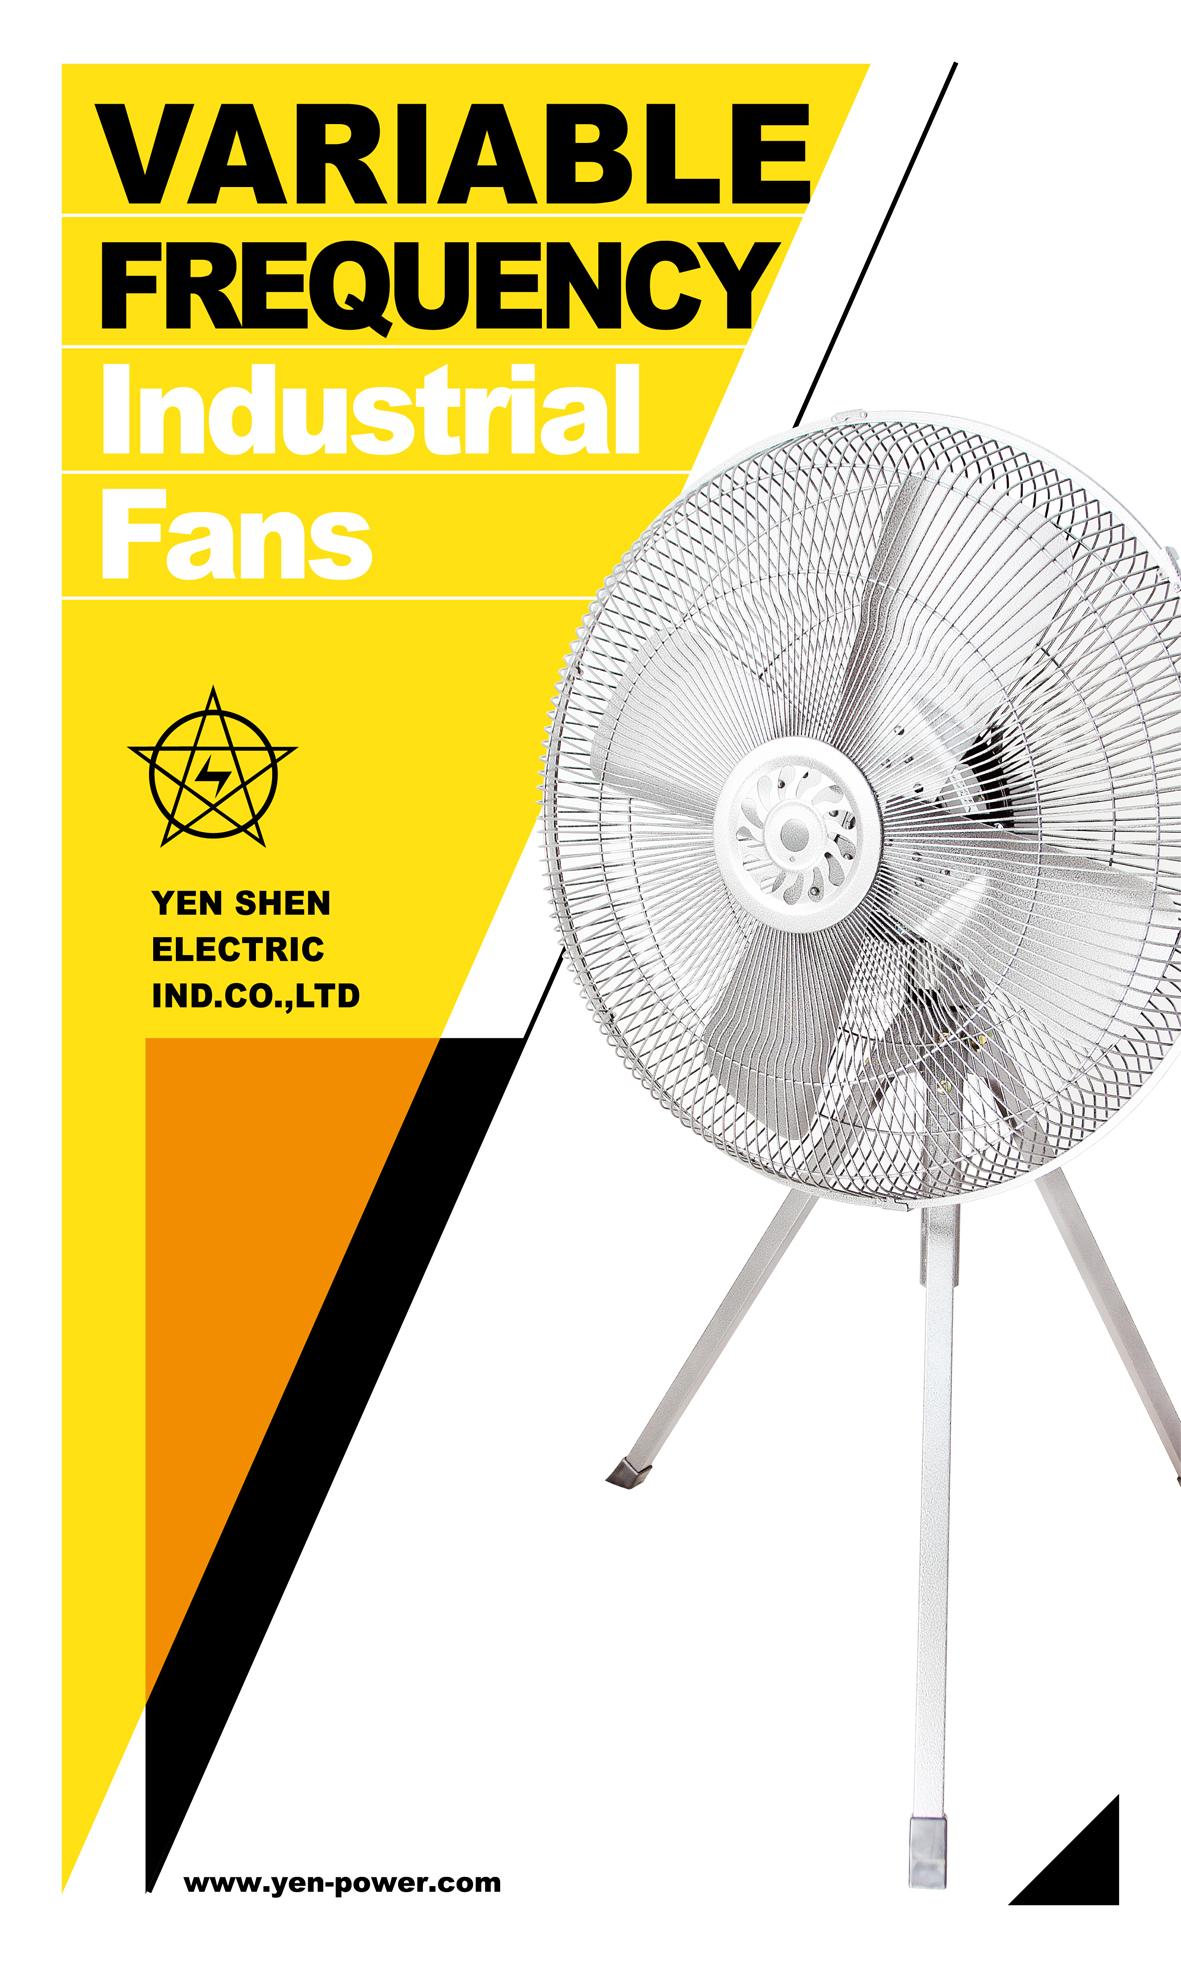 24-inch fan